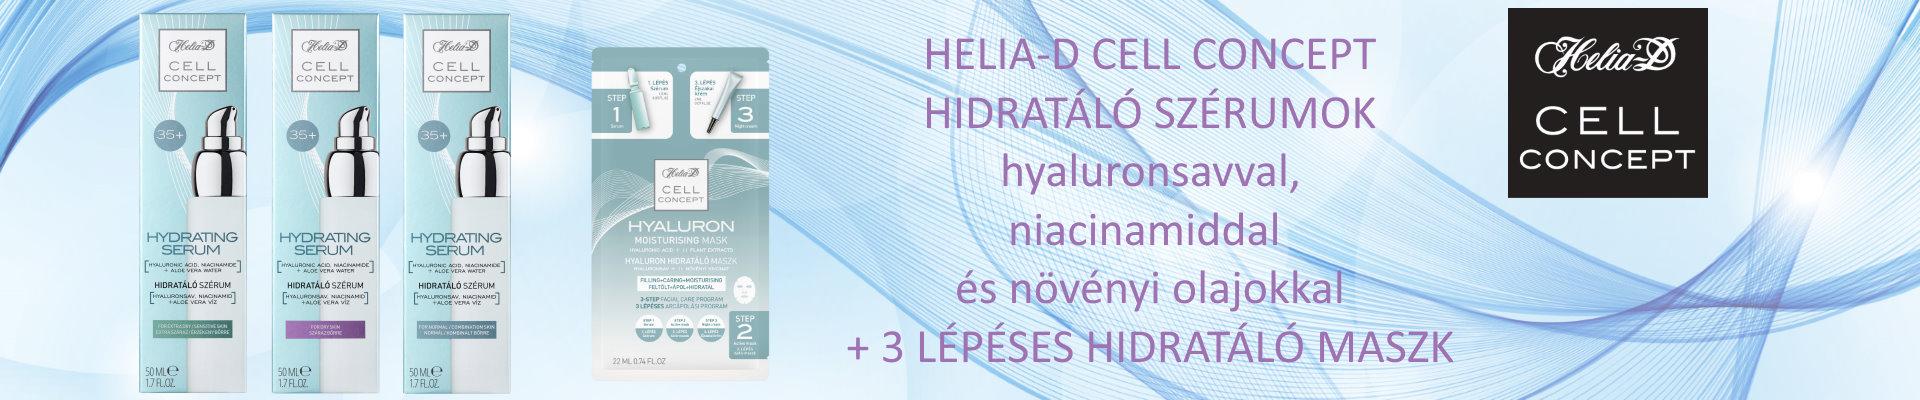 Helia-D Cell Concept hidratáló szérumok és maszk